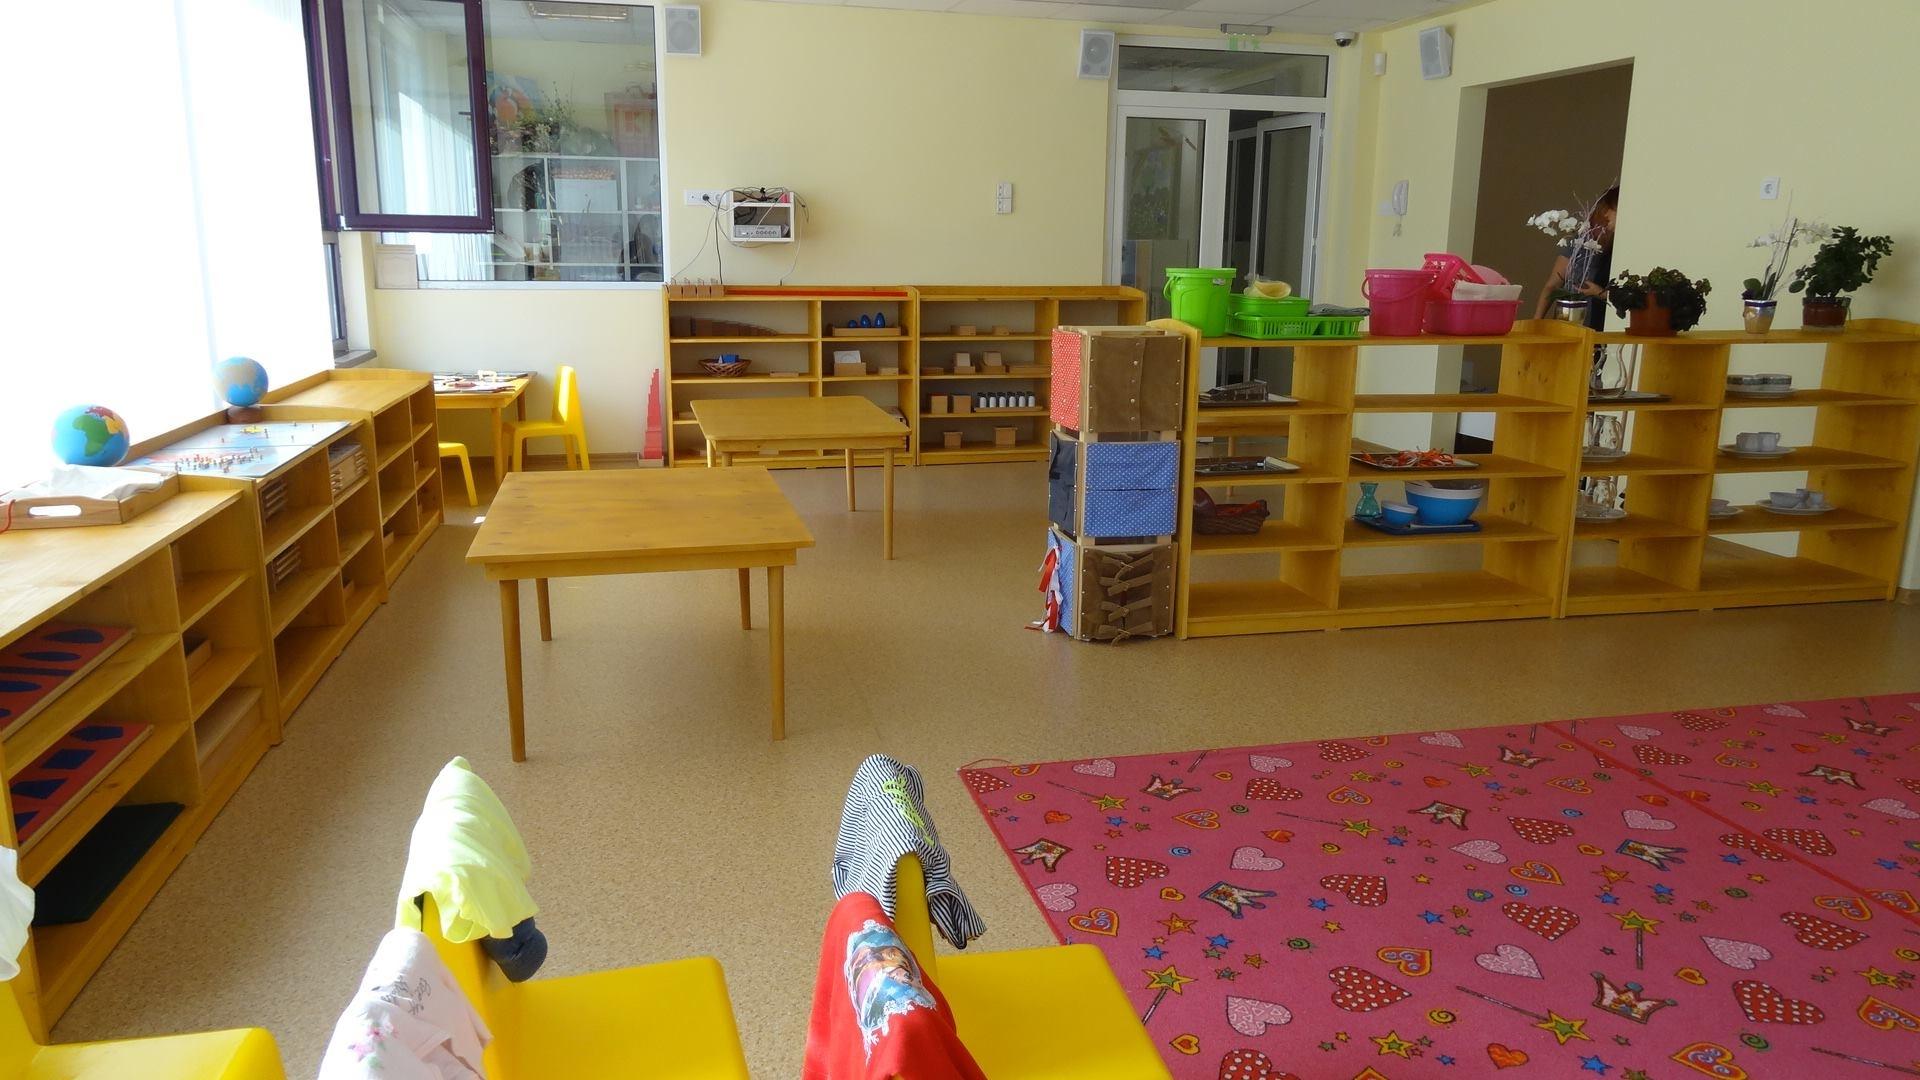 Децата от предучилищните групи могат да останат в къщи поради усложнената епидемична обстановка